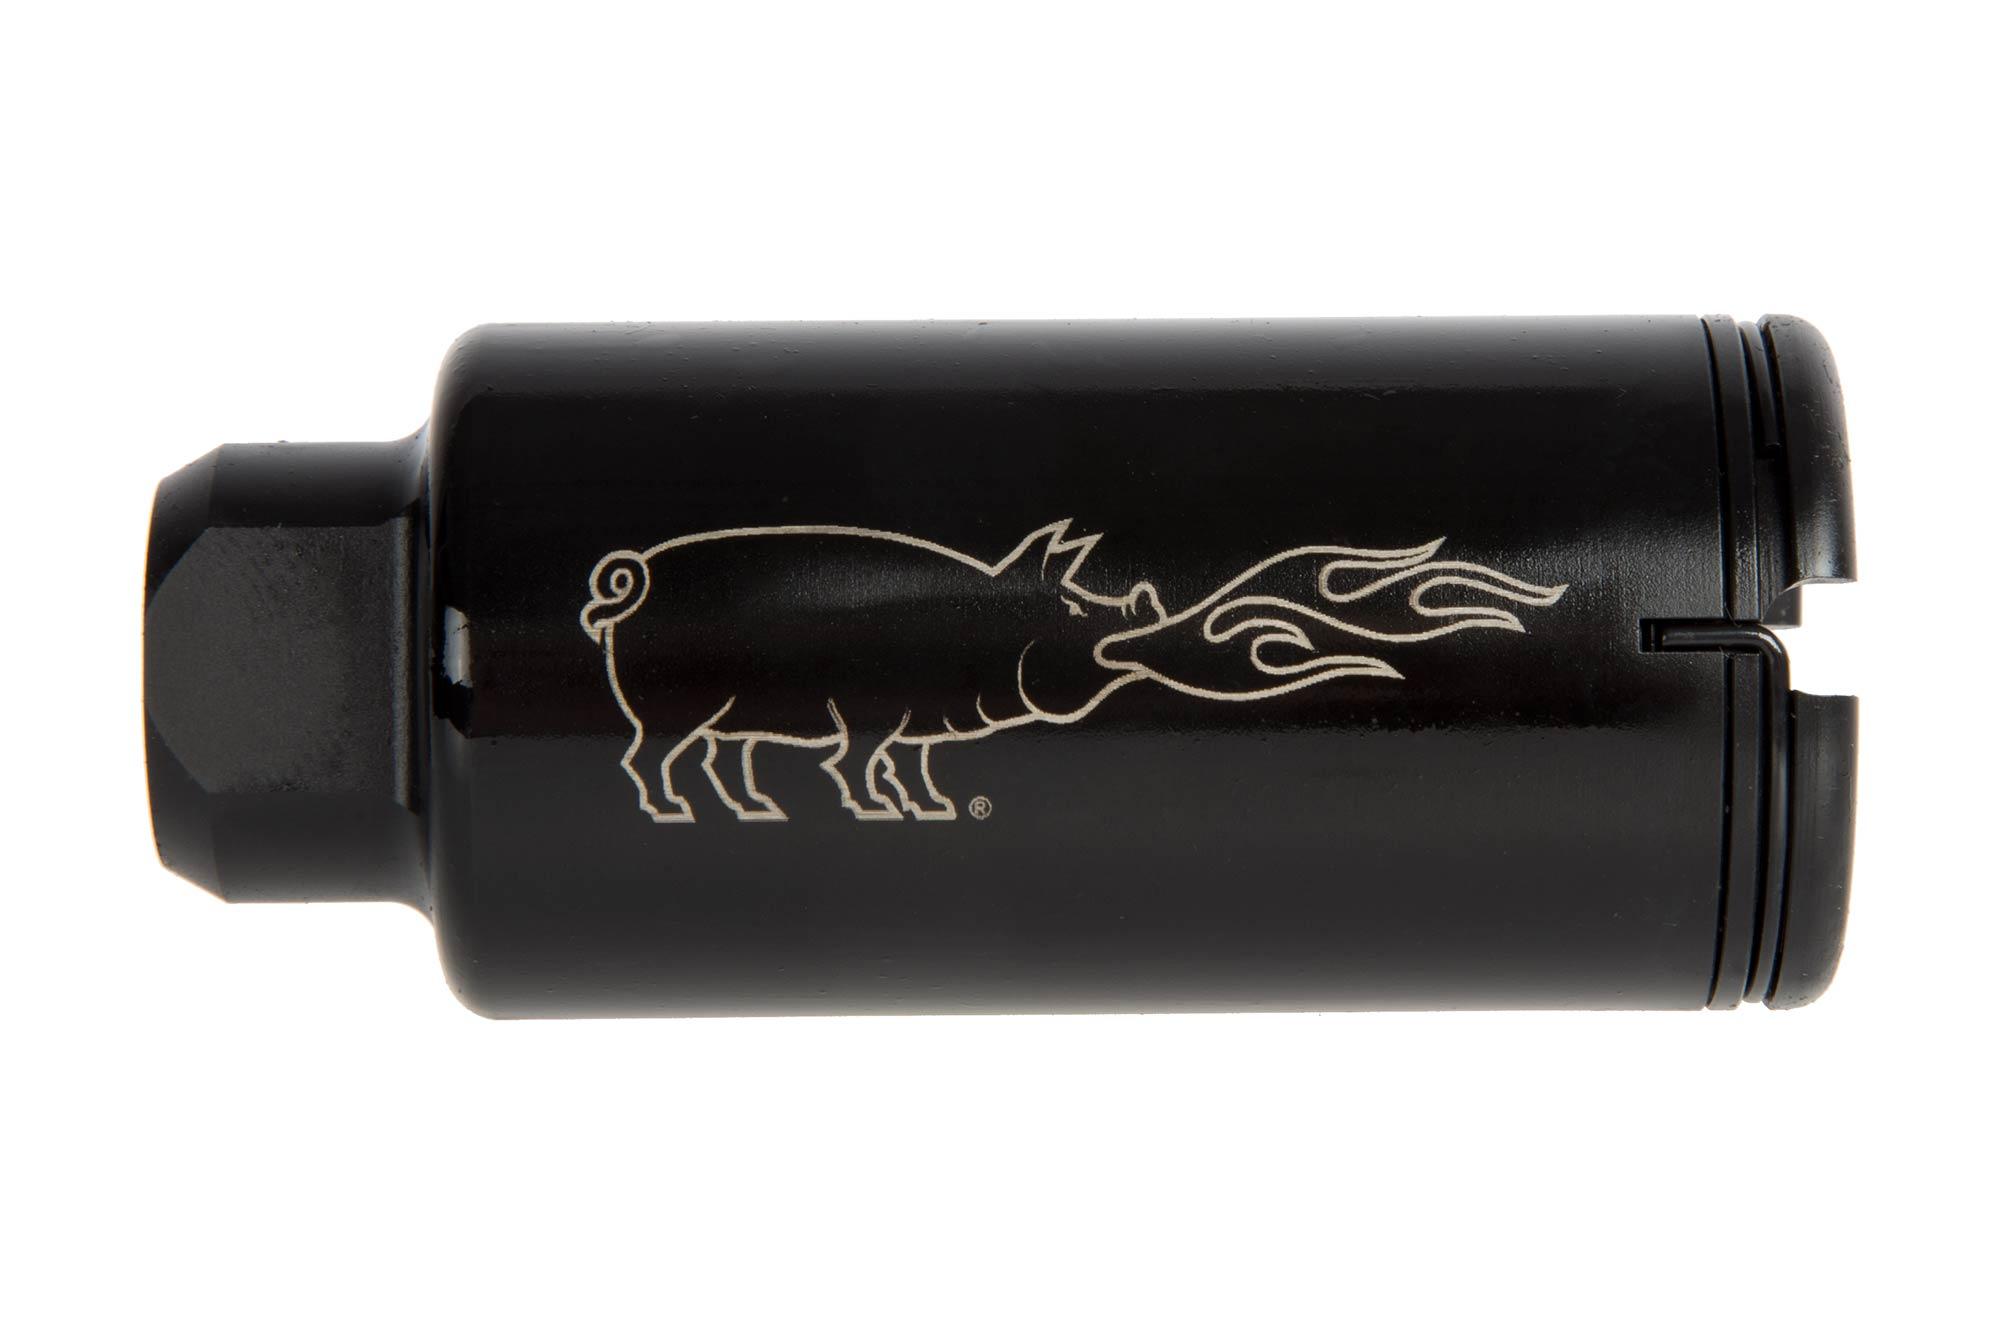 Noveske flaming pig 9mm